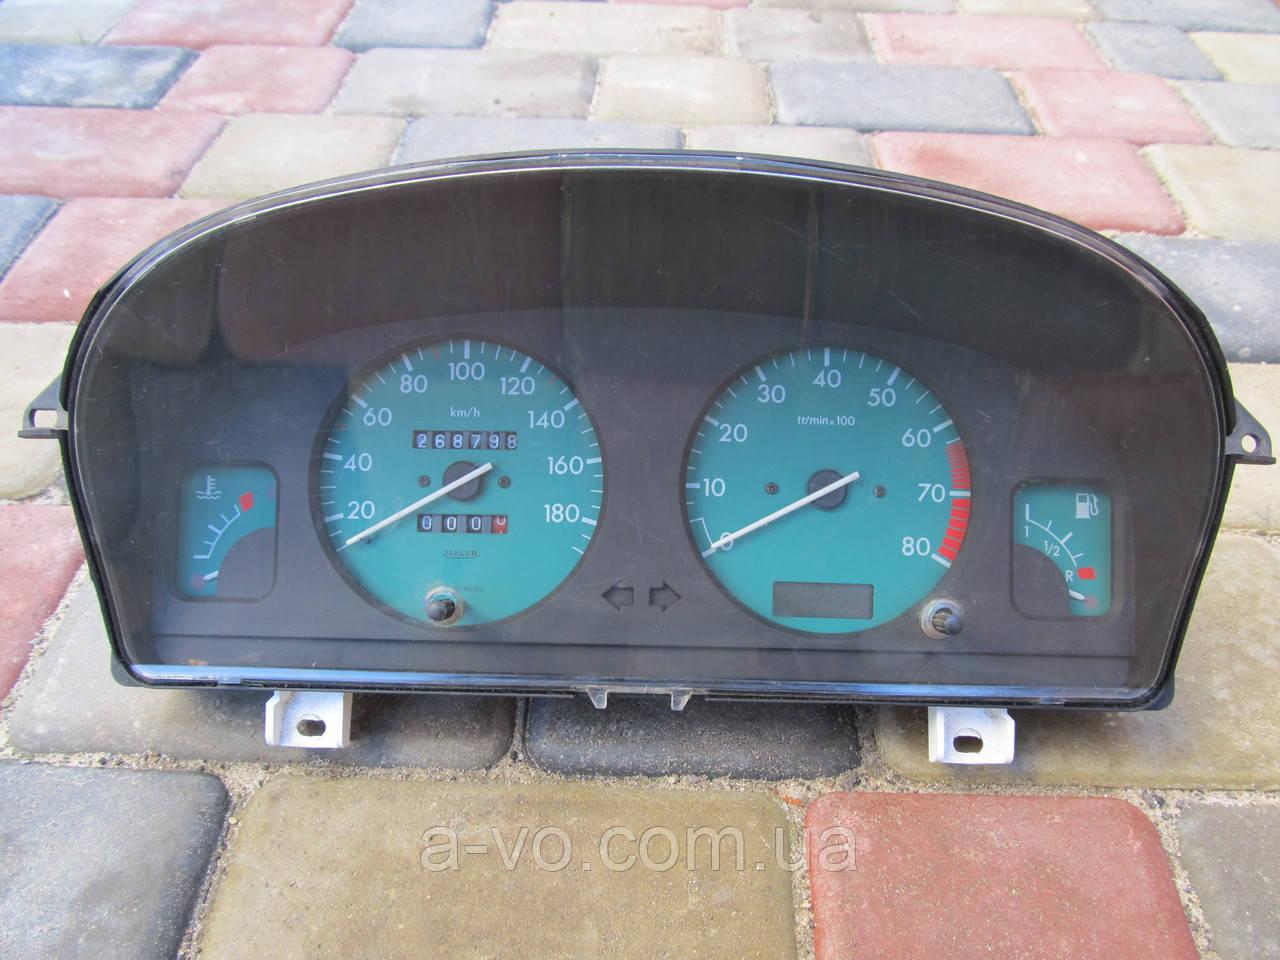 Панель приборов для Citroen Berlingo M59 1.4, 9636105280